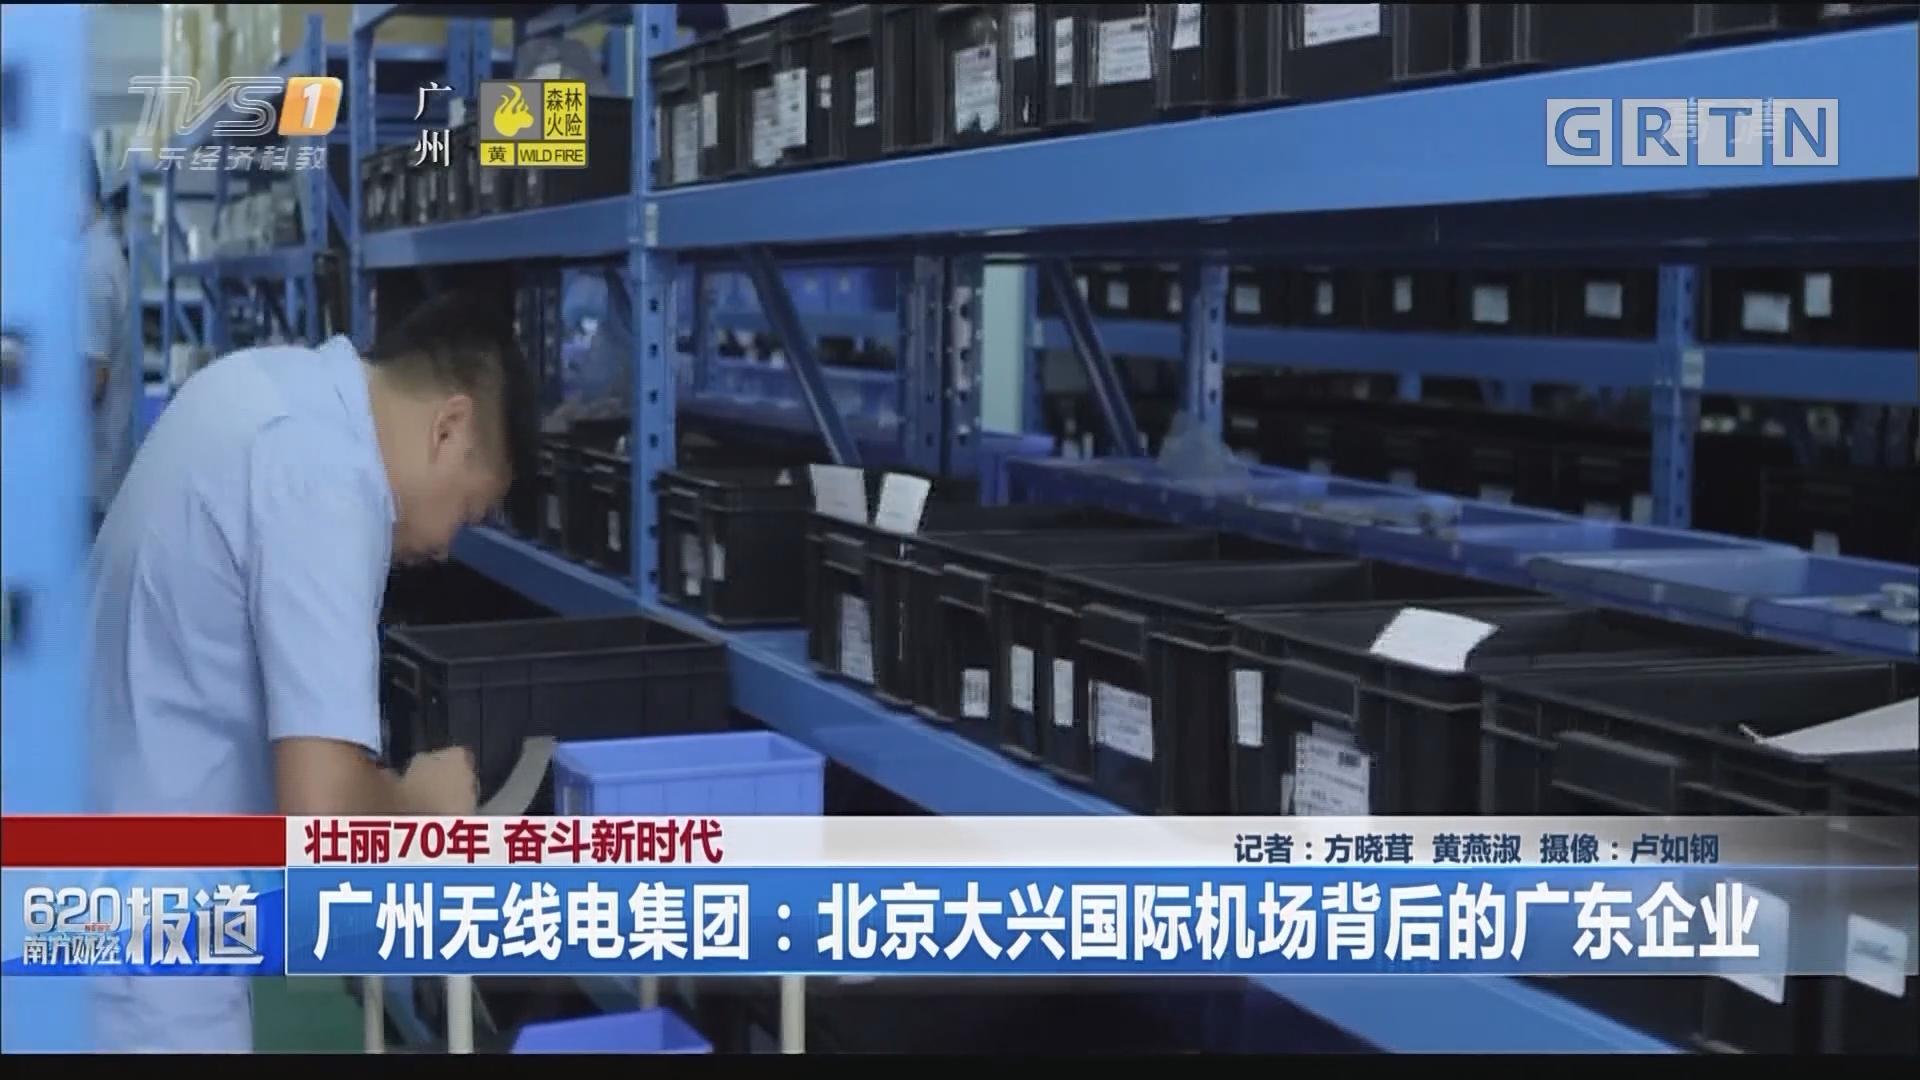 壮丽70年 奋斗新时代 广州无线电集团:北京大兴国际机场背后的广东企业